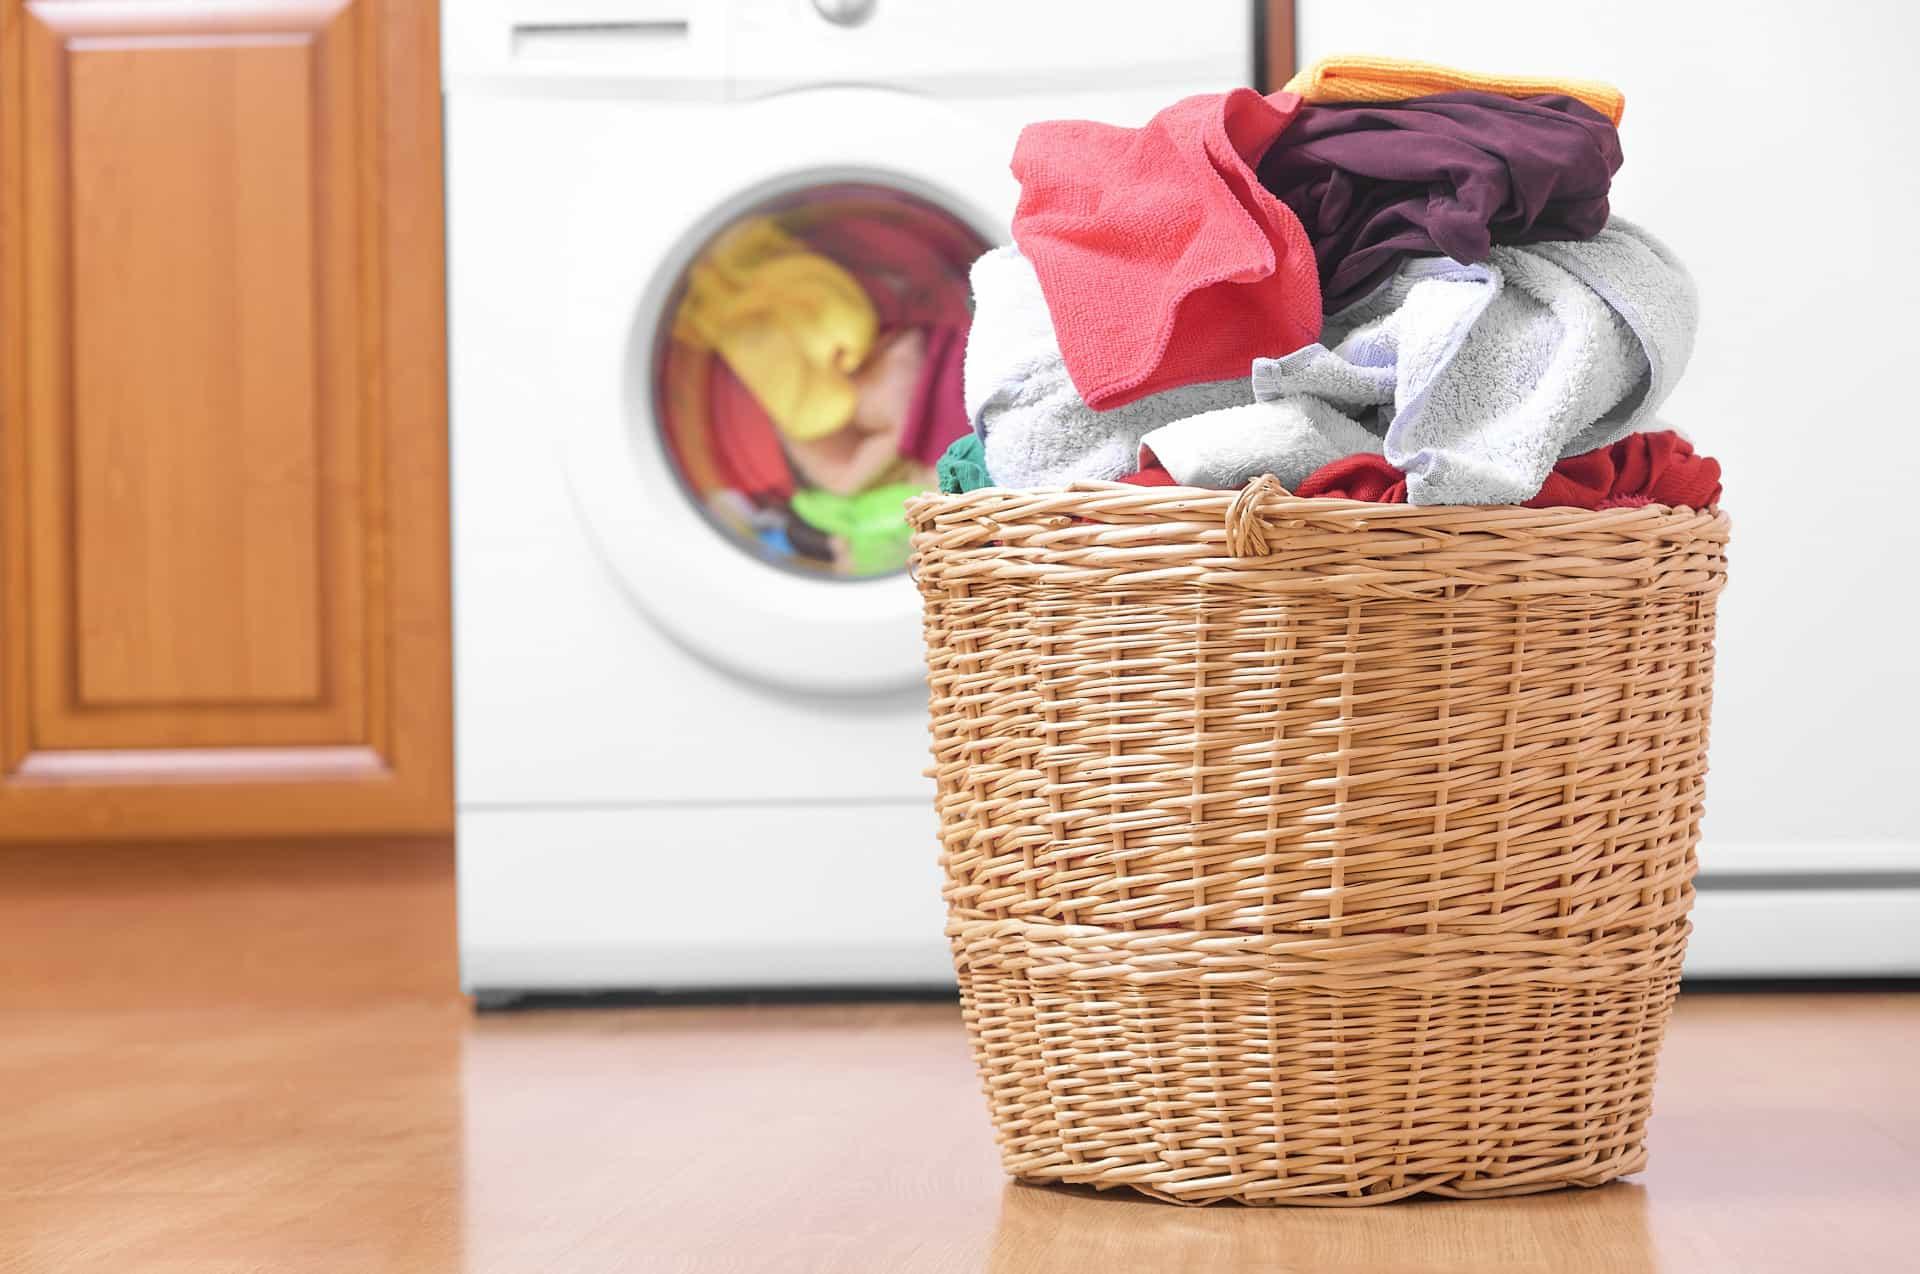 Không để quần áo ướt vào giỏ giặt